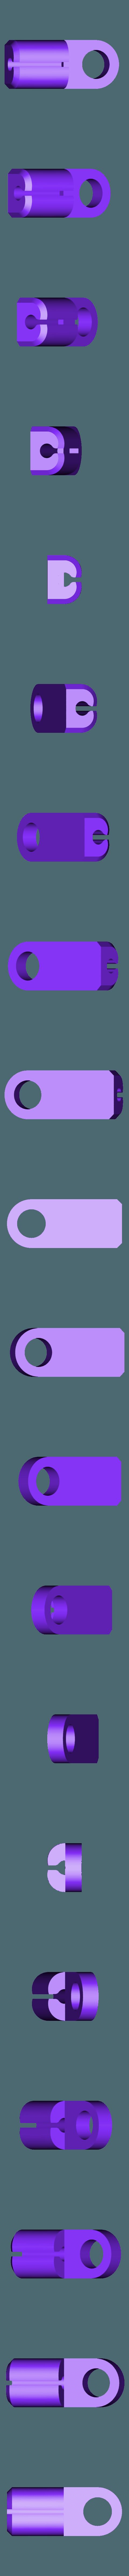 Main_Cylinder_Shaft_End.stl Télécharger fichier STL gratuit Vapemobile : Voiture jouet pneumatique • Modèle pour imprimante 3D, Slava_Z